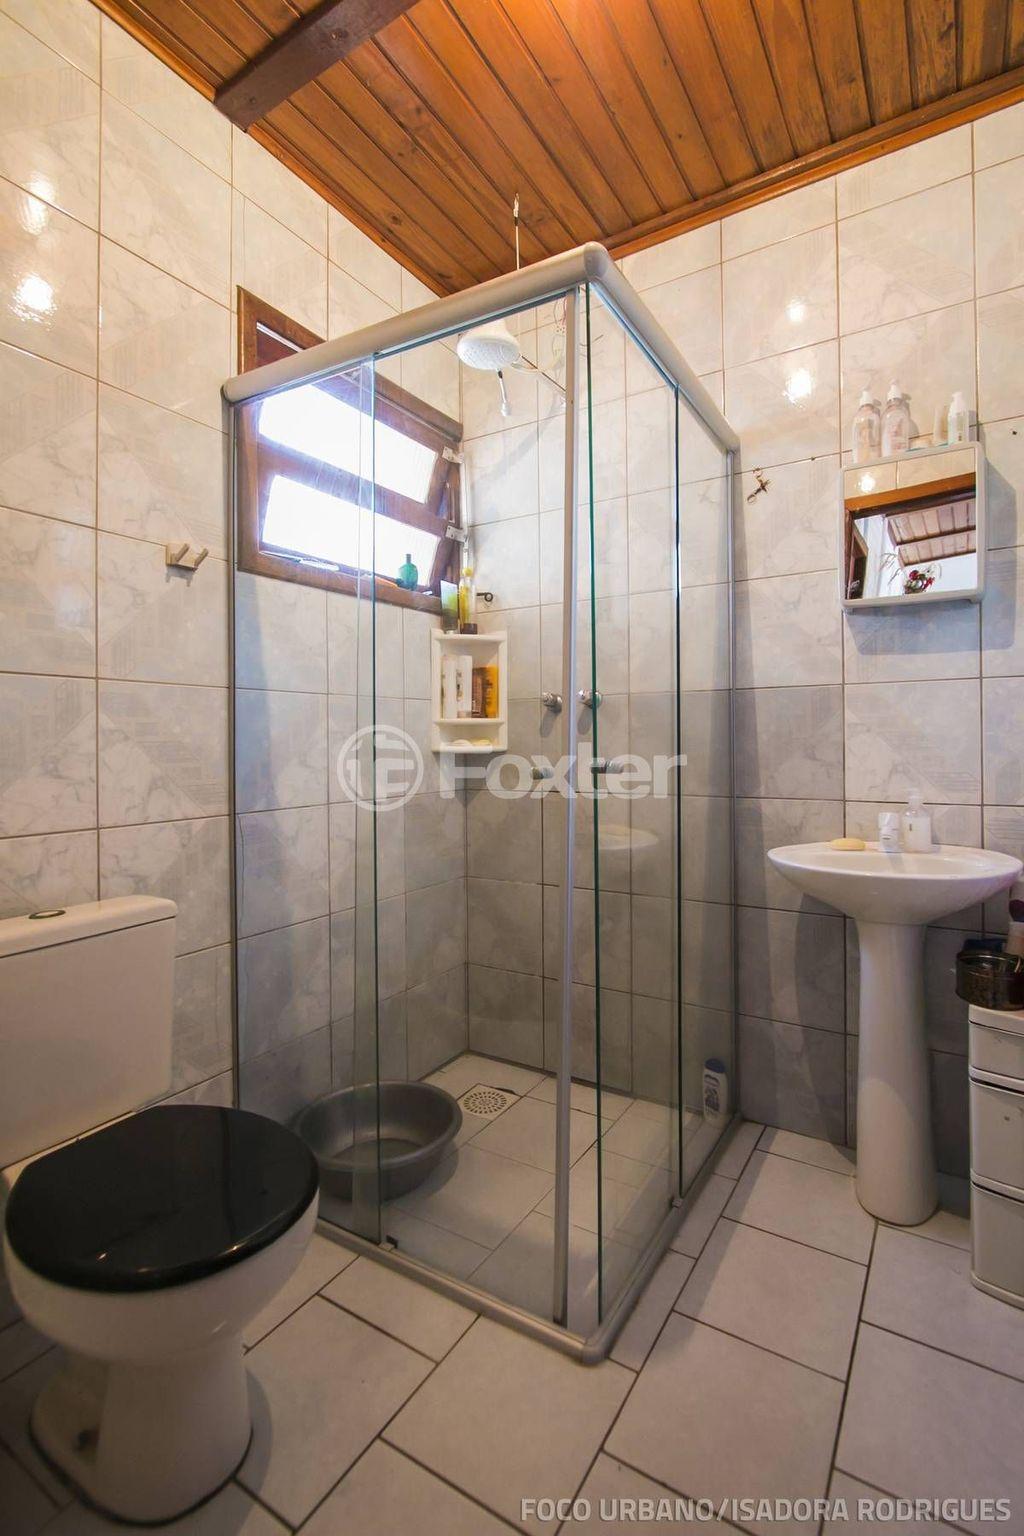 Foxter Imobiliária - Casa 2 Dorm, Rubem Berta - Foto 7